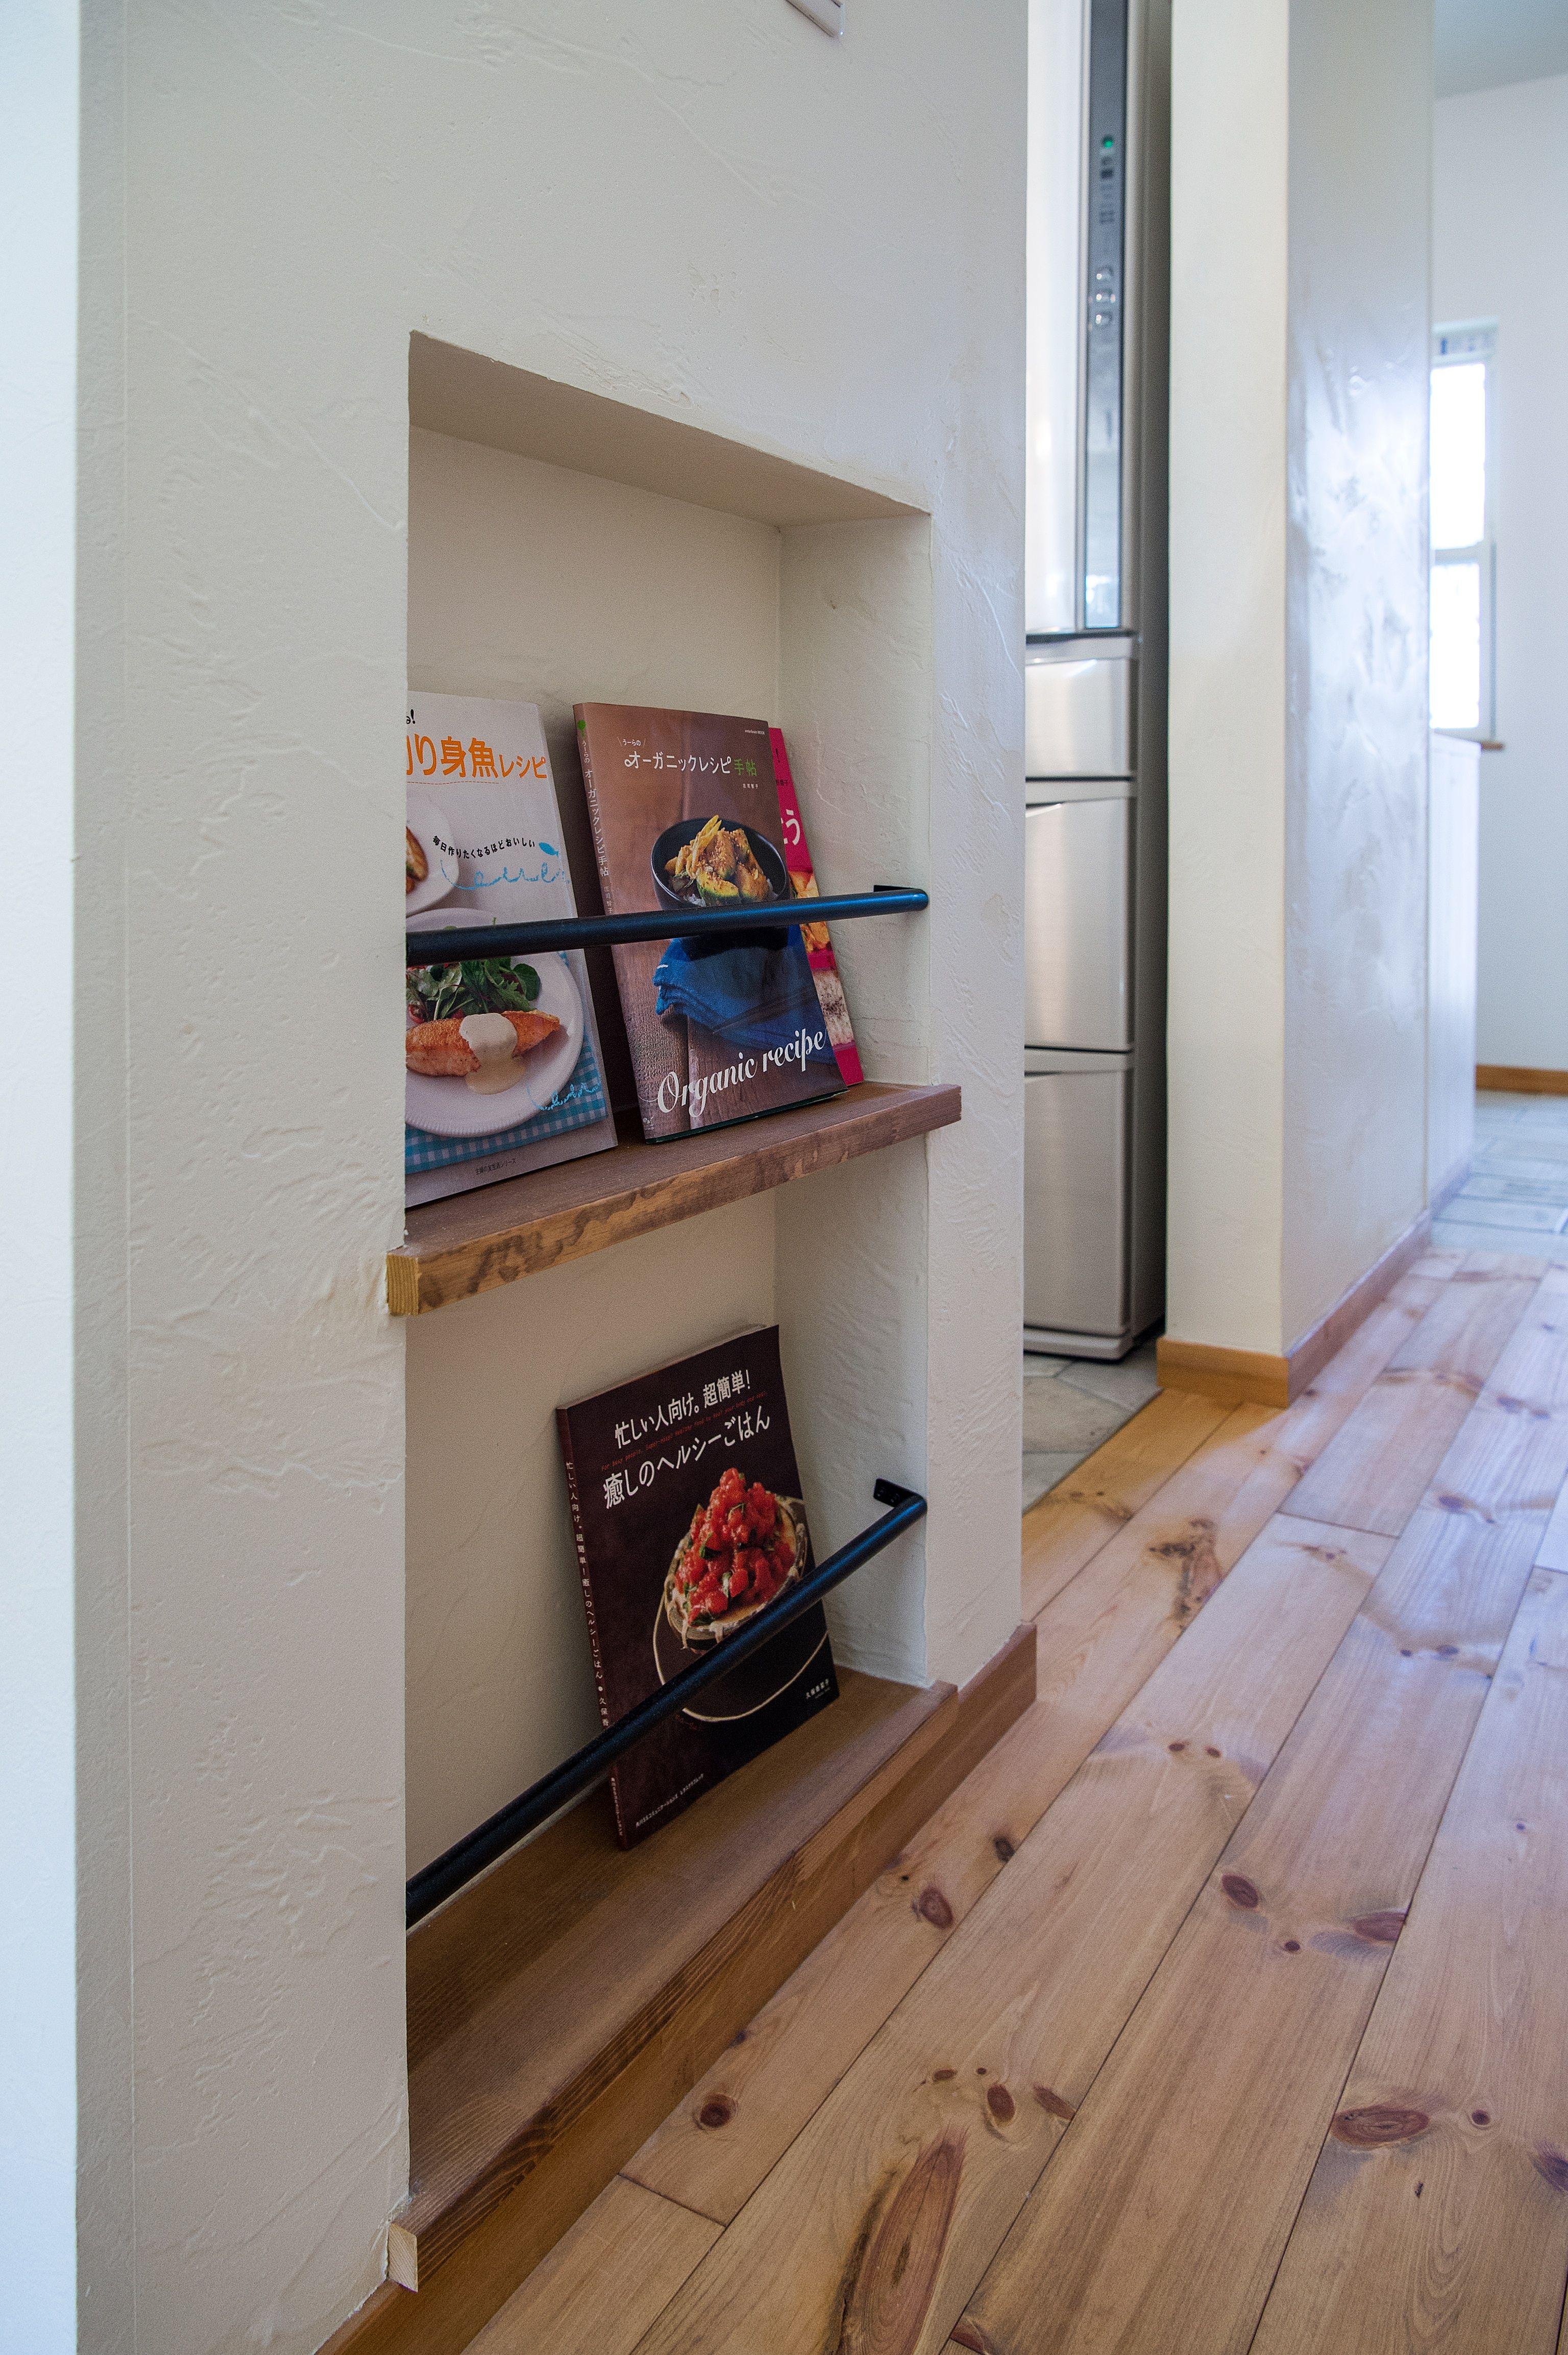 キッチン袖壁にはニッチを作ってマガジンラックのスペースをつくりました。バーはアイアン製で可愛く。 アイアン